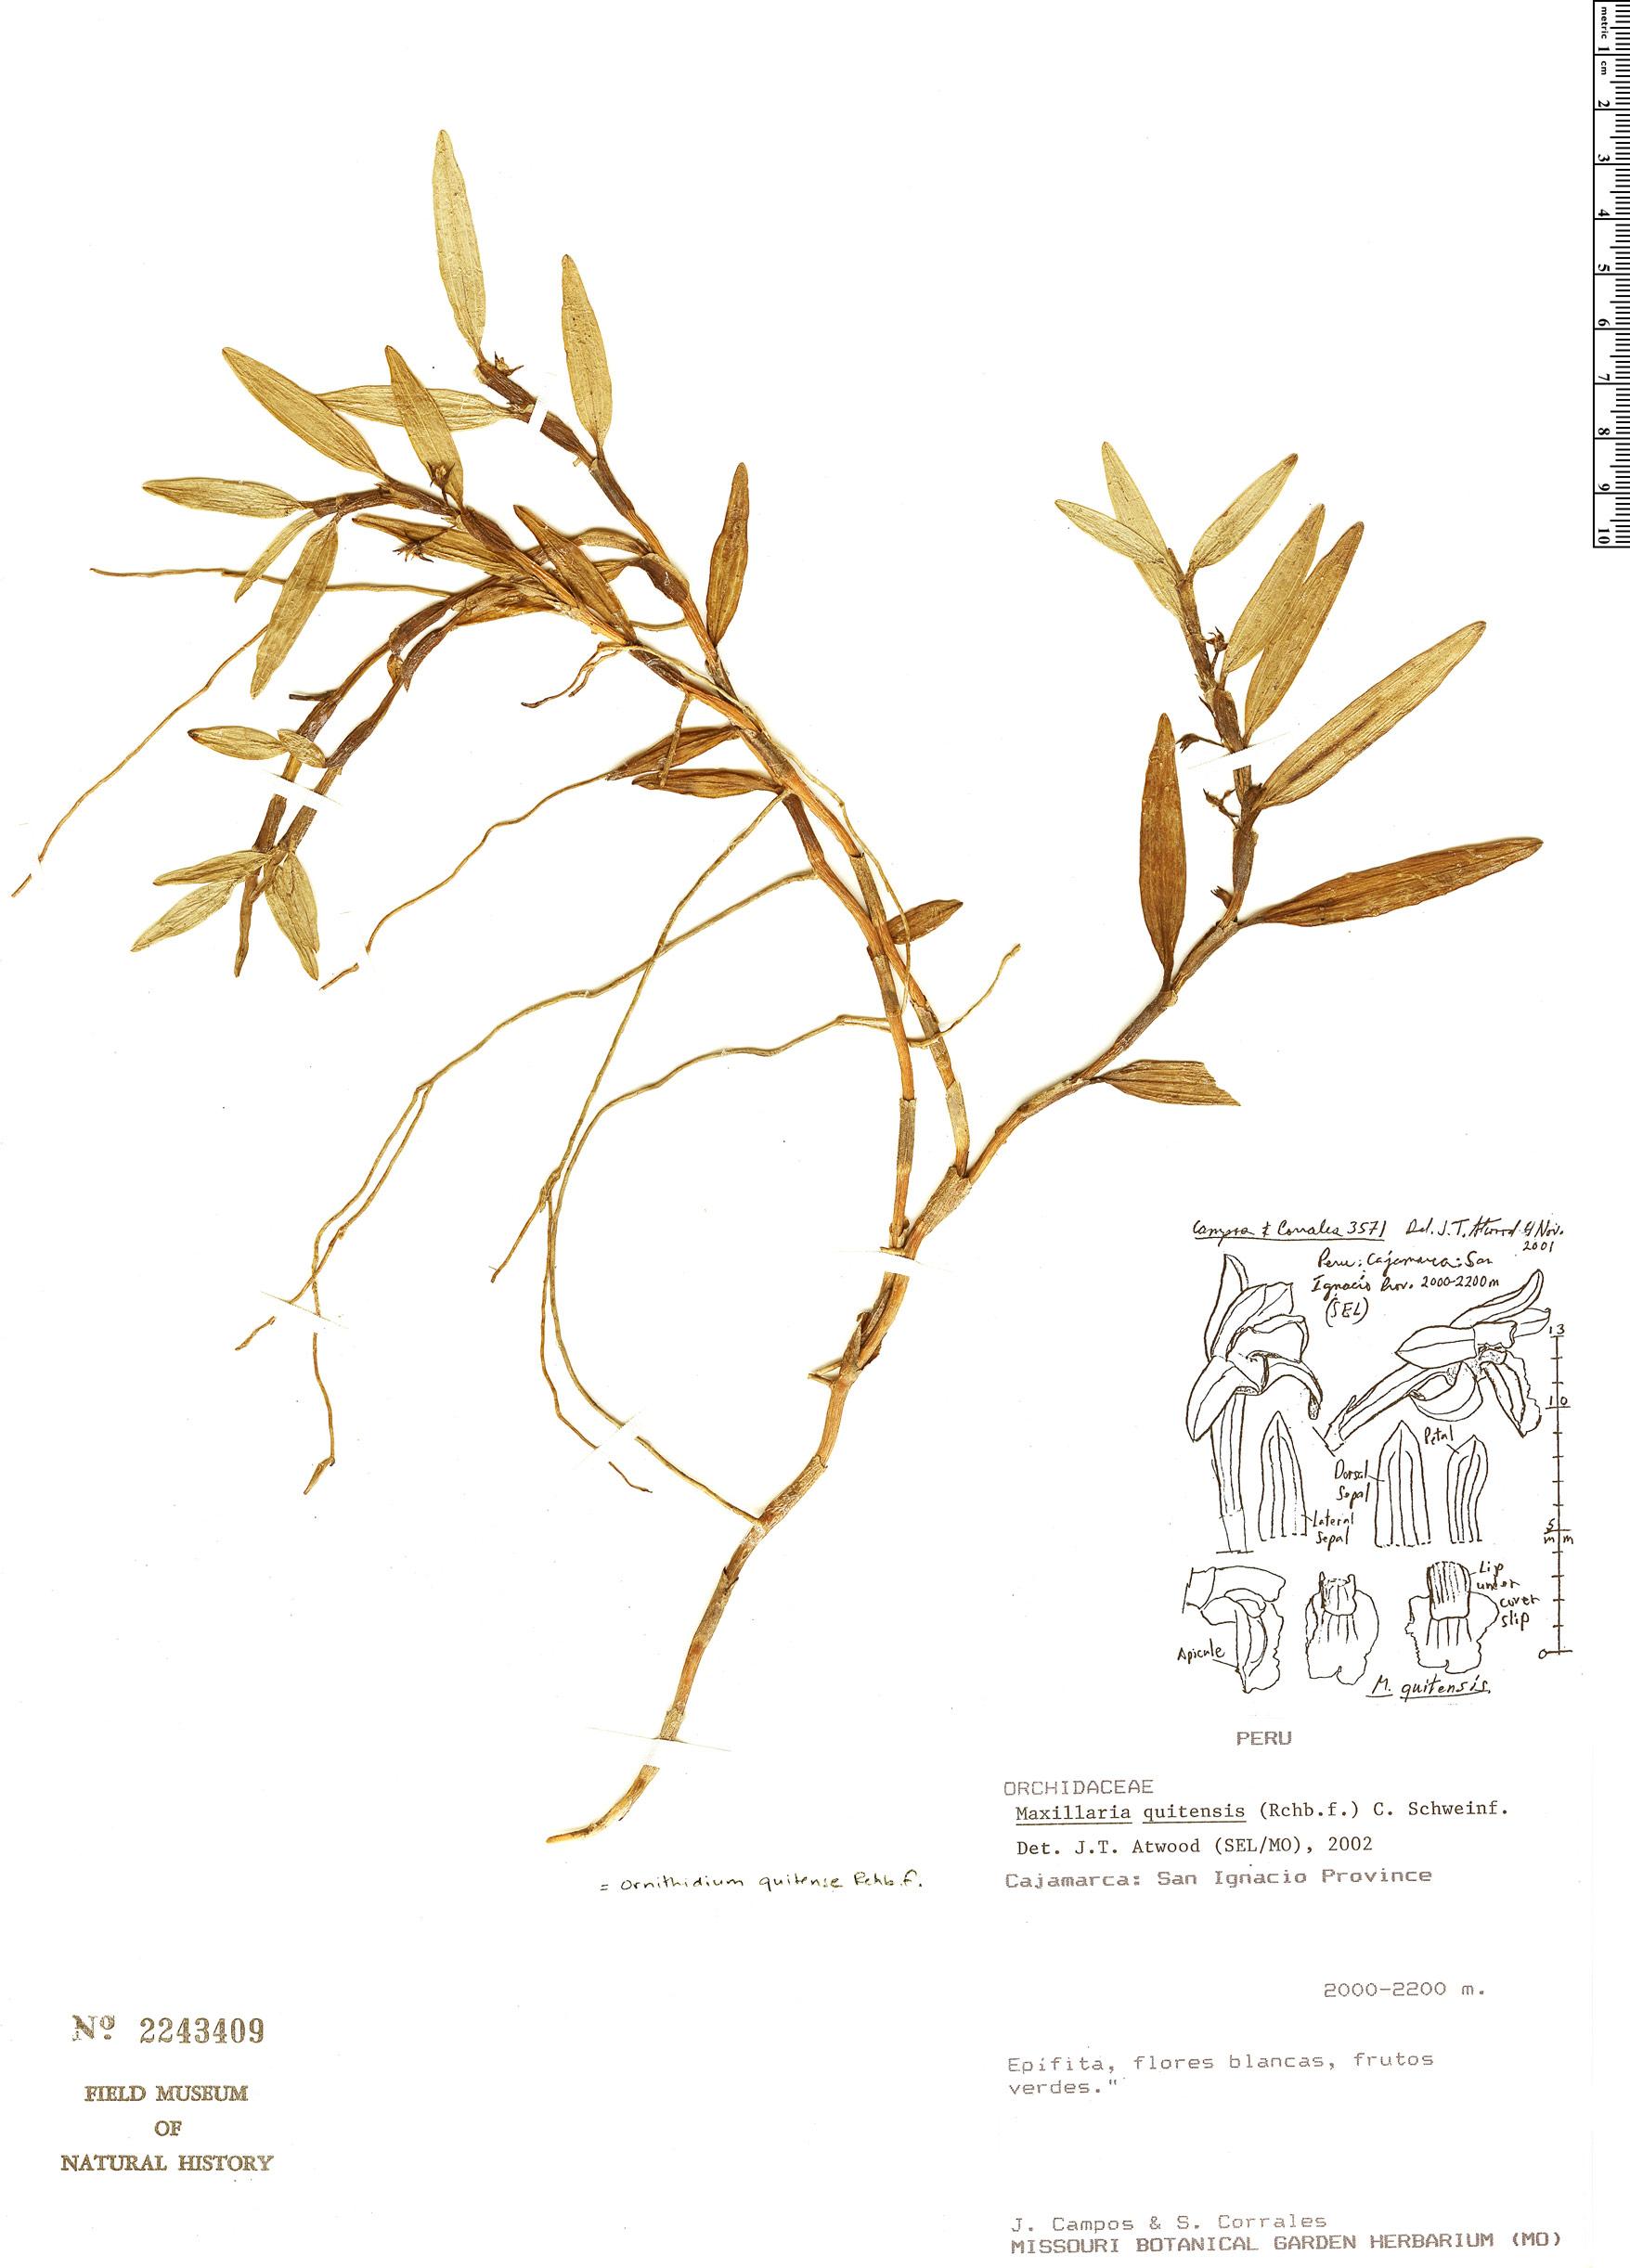 Specimen: Maxillaria quitensis